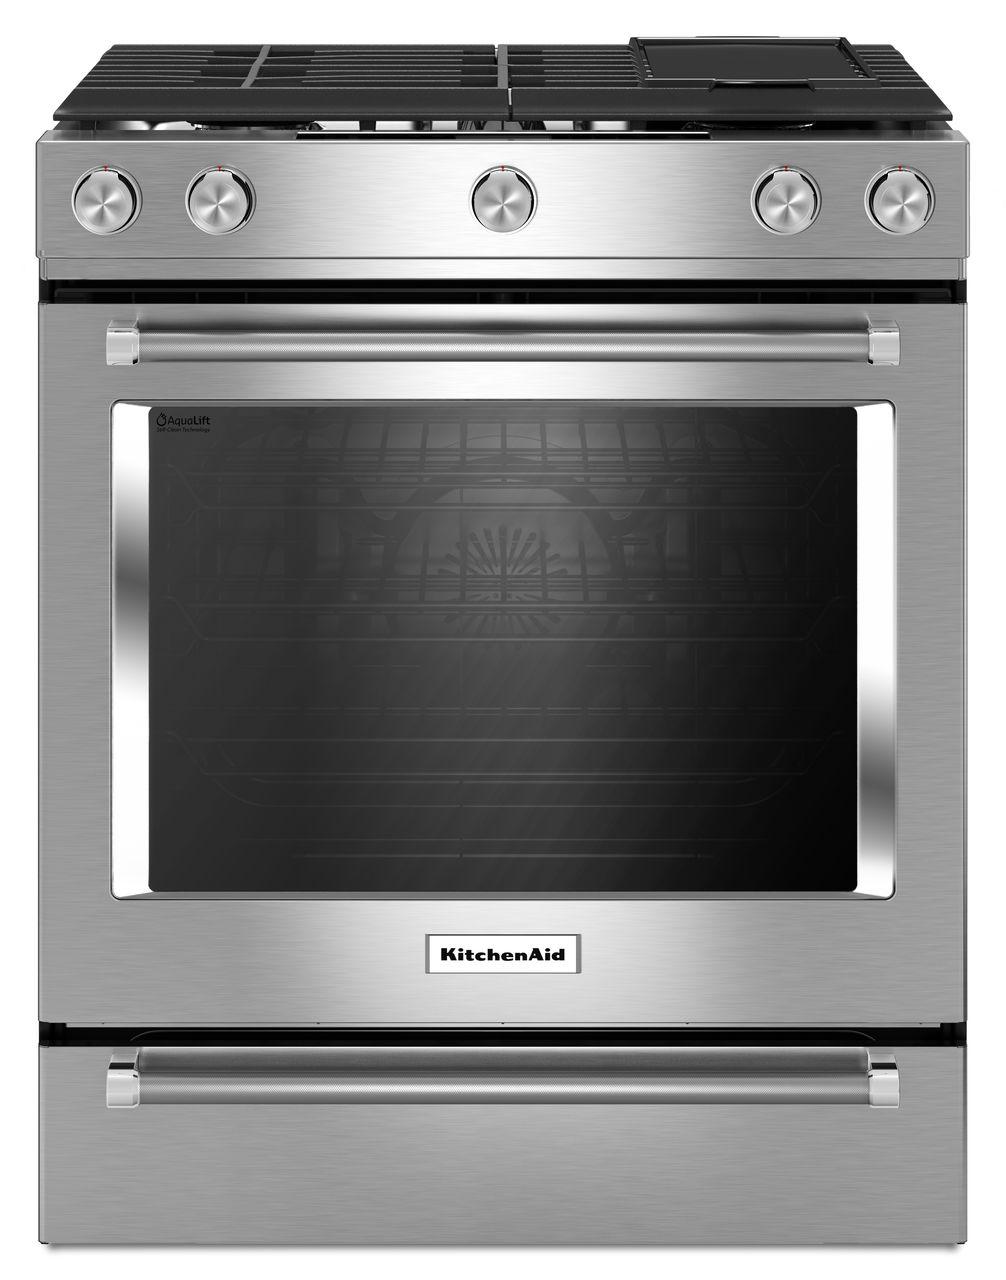 KitchenAid Range/Stove/Oven Model KSDB900ESS0 Parts